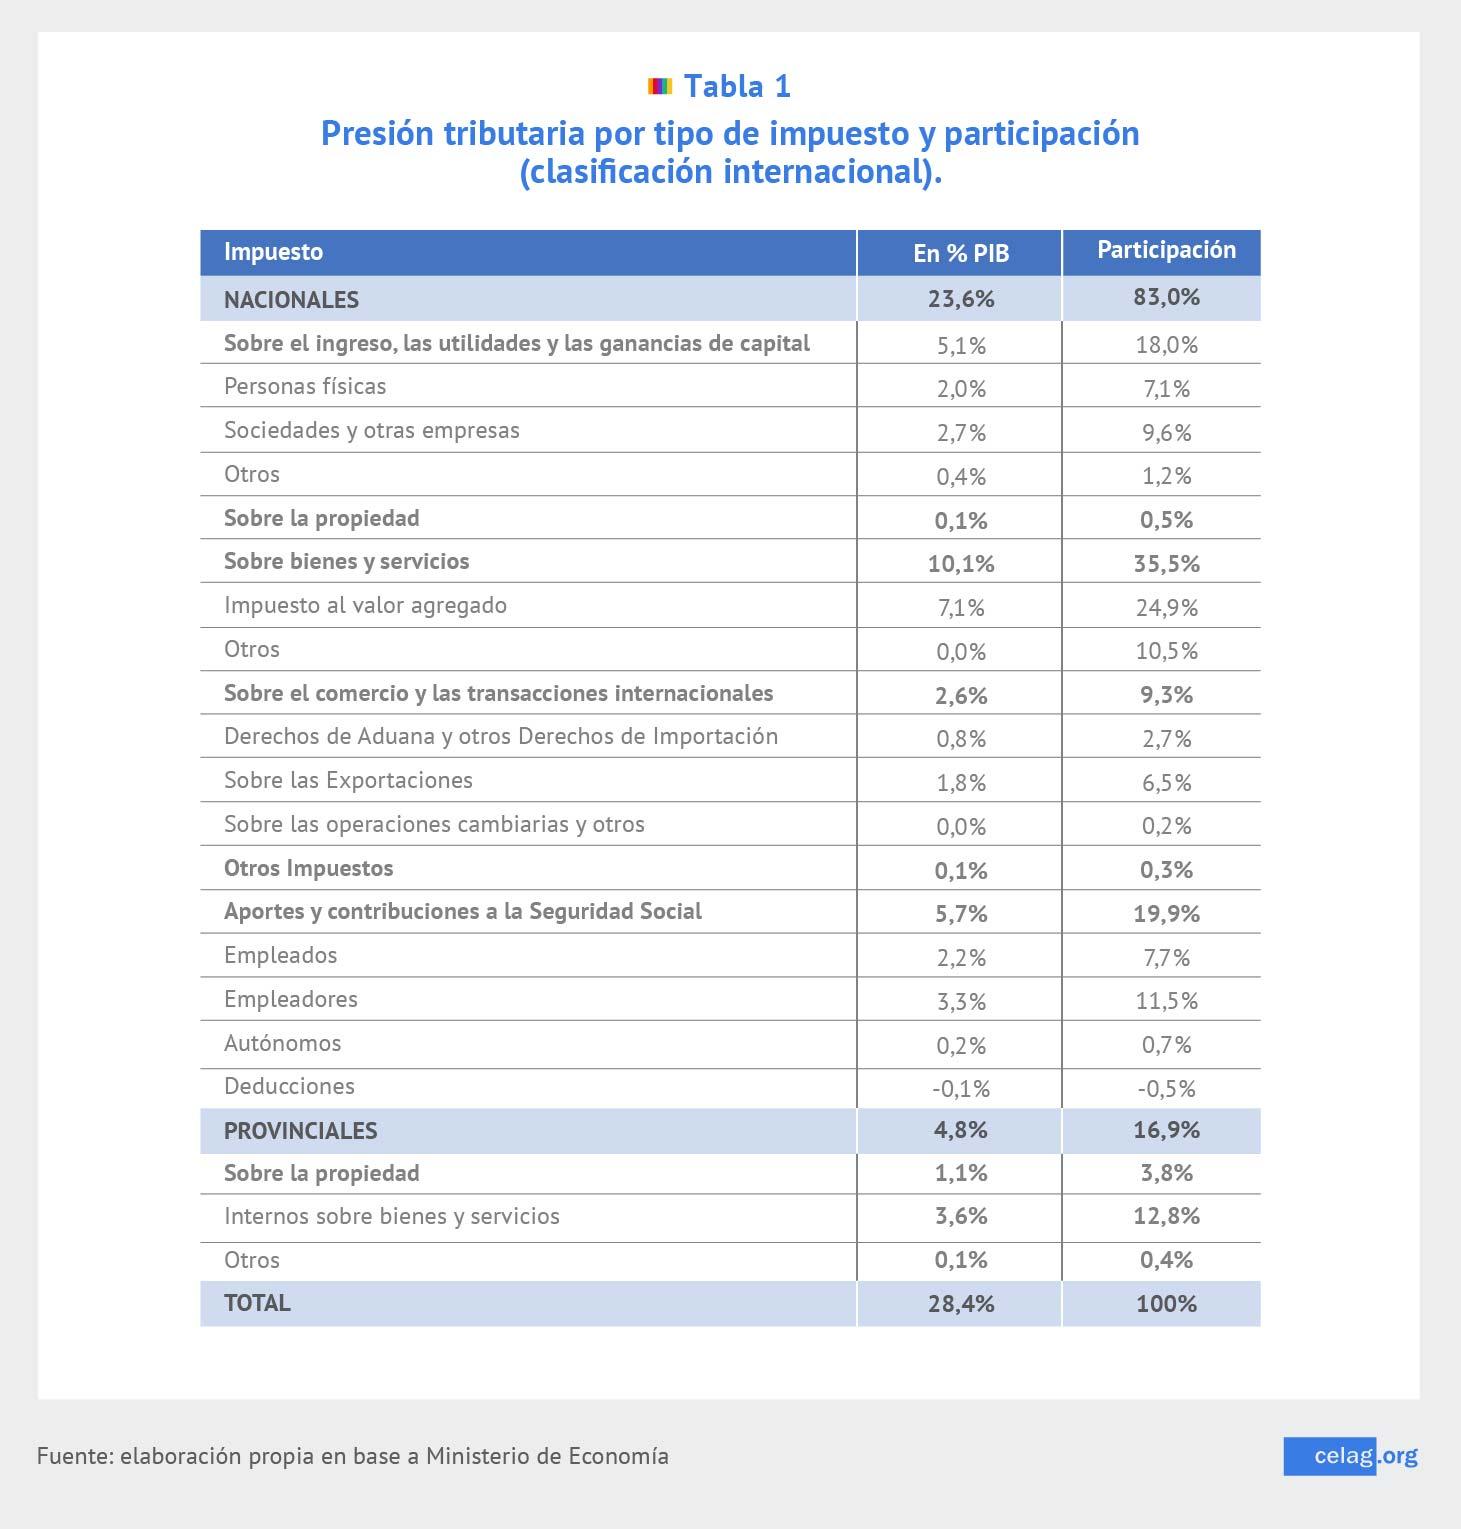 Presión tributaria por tipo de impuesto y participación